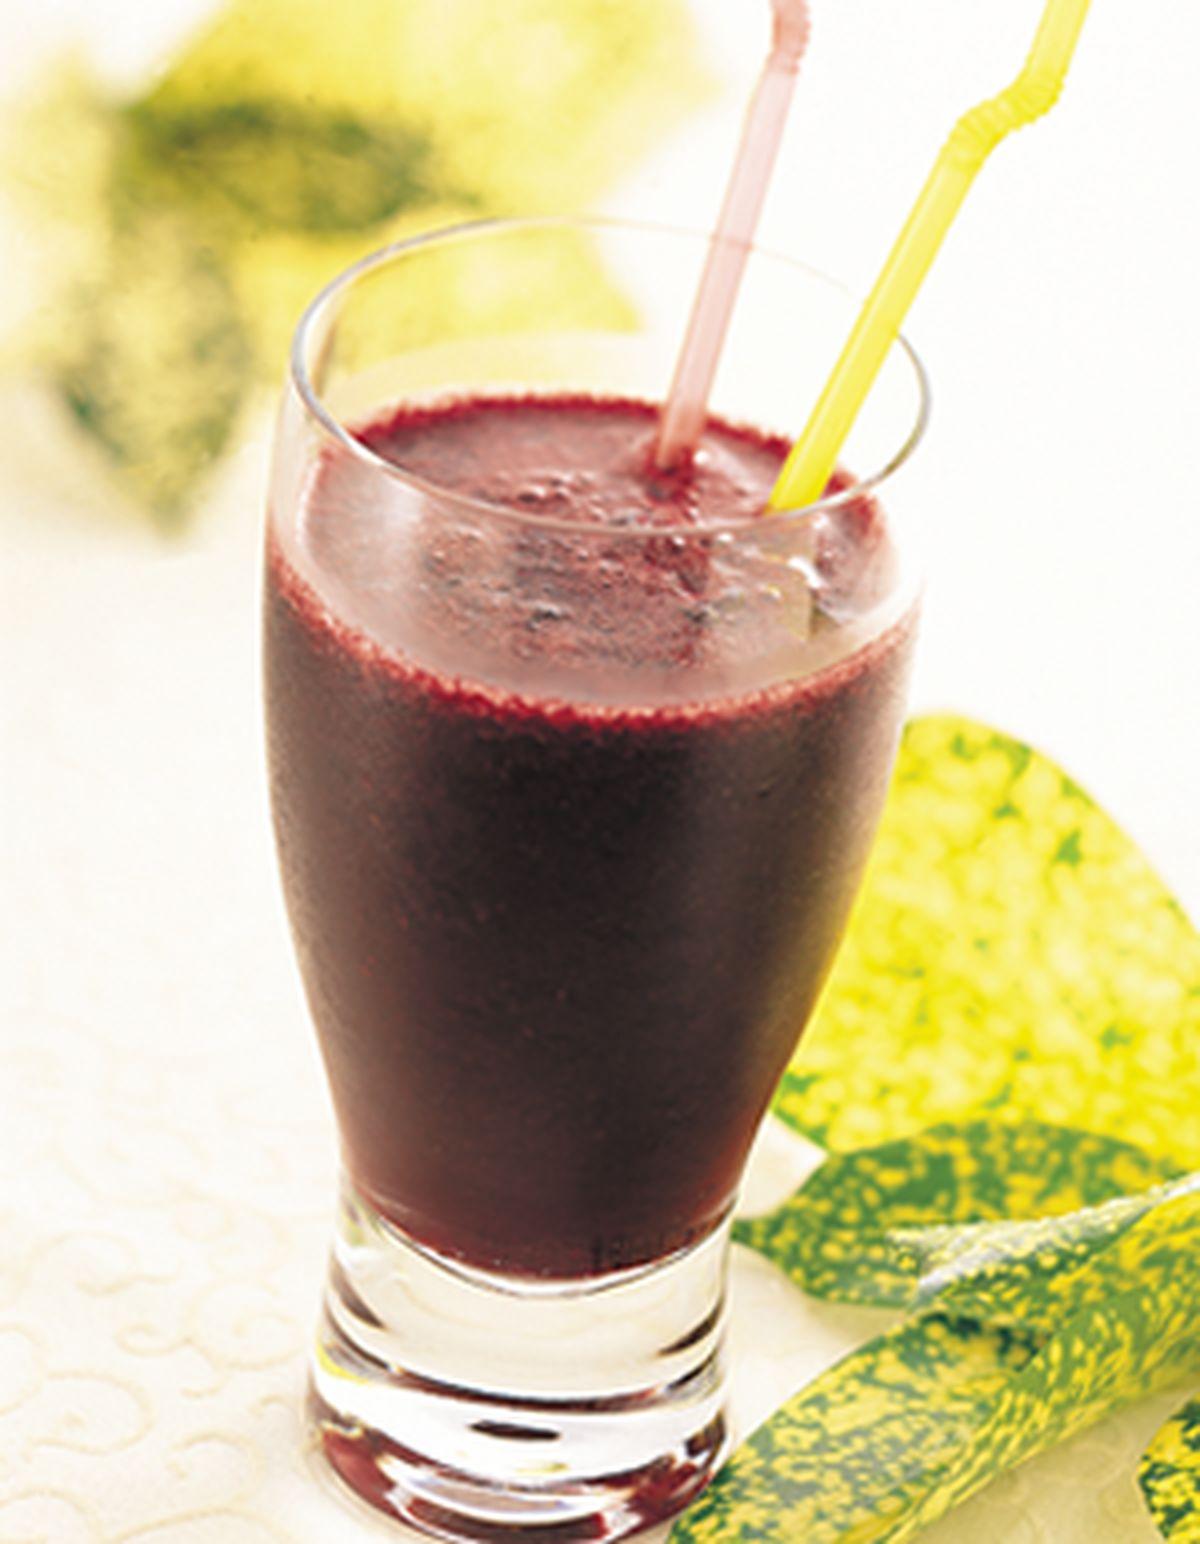 食譜:黑嘉麗果汁